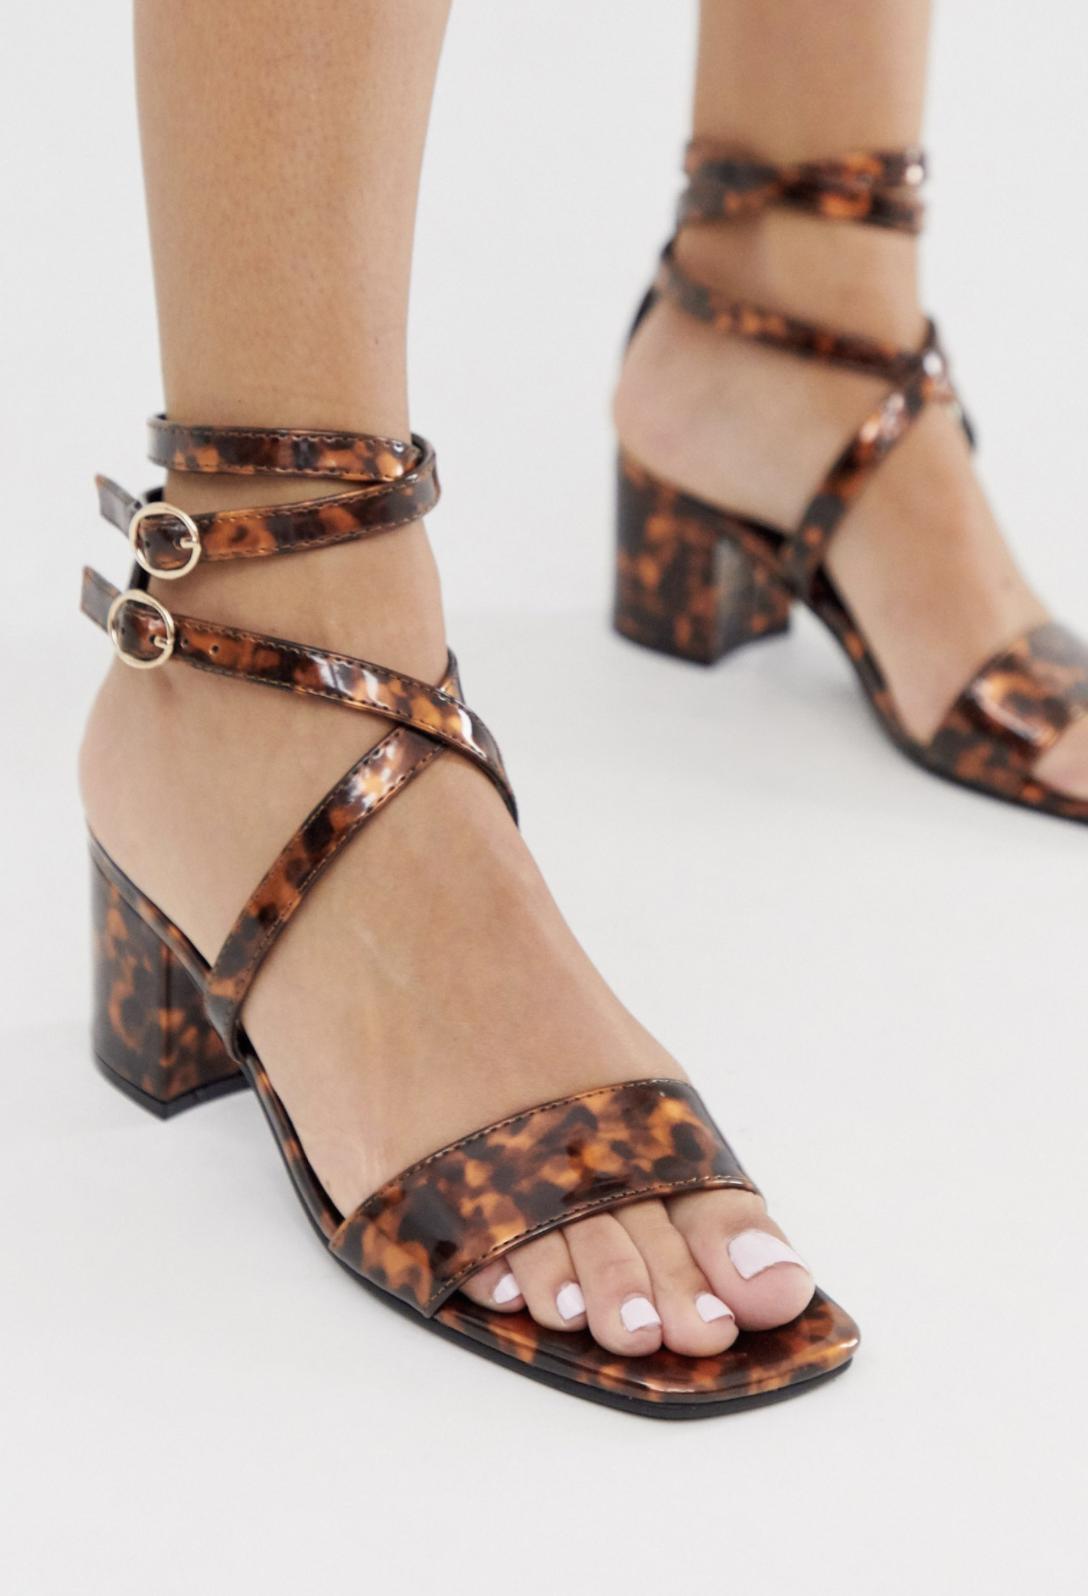 Sandalias de tacón cuadrado con tiras y efecto carey de London Rebel